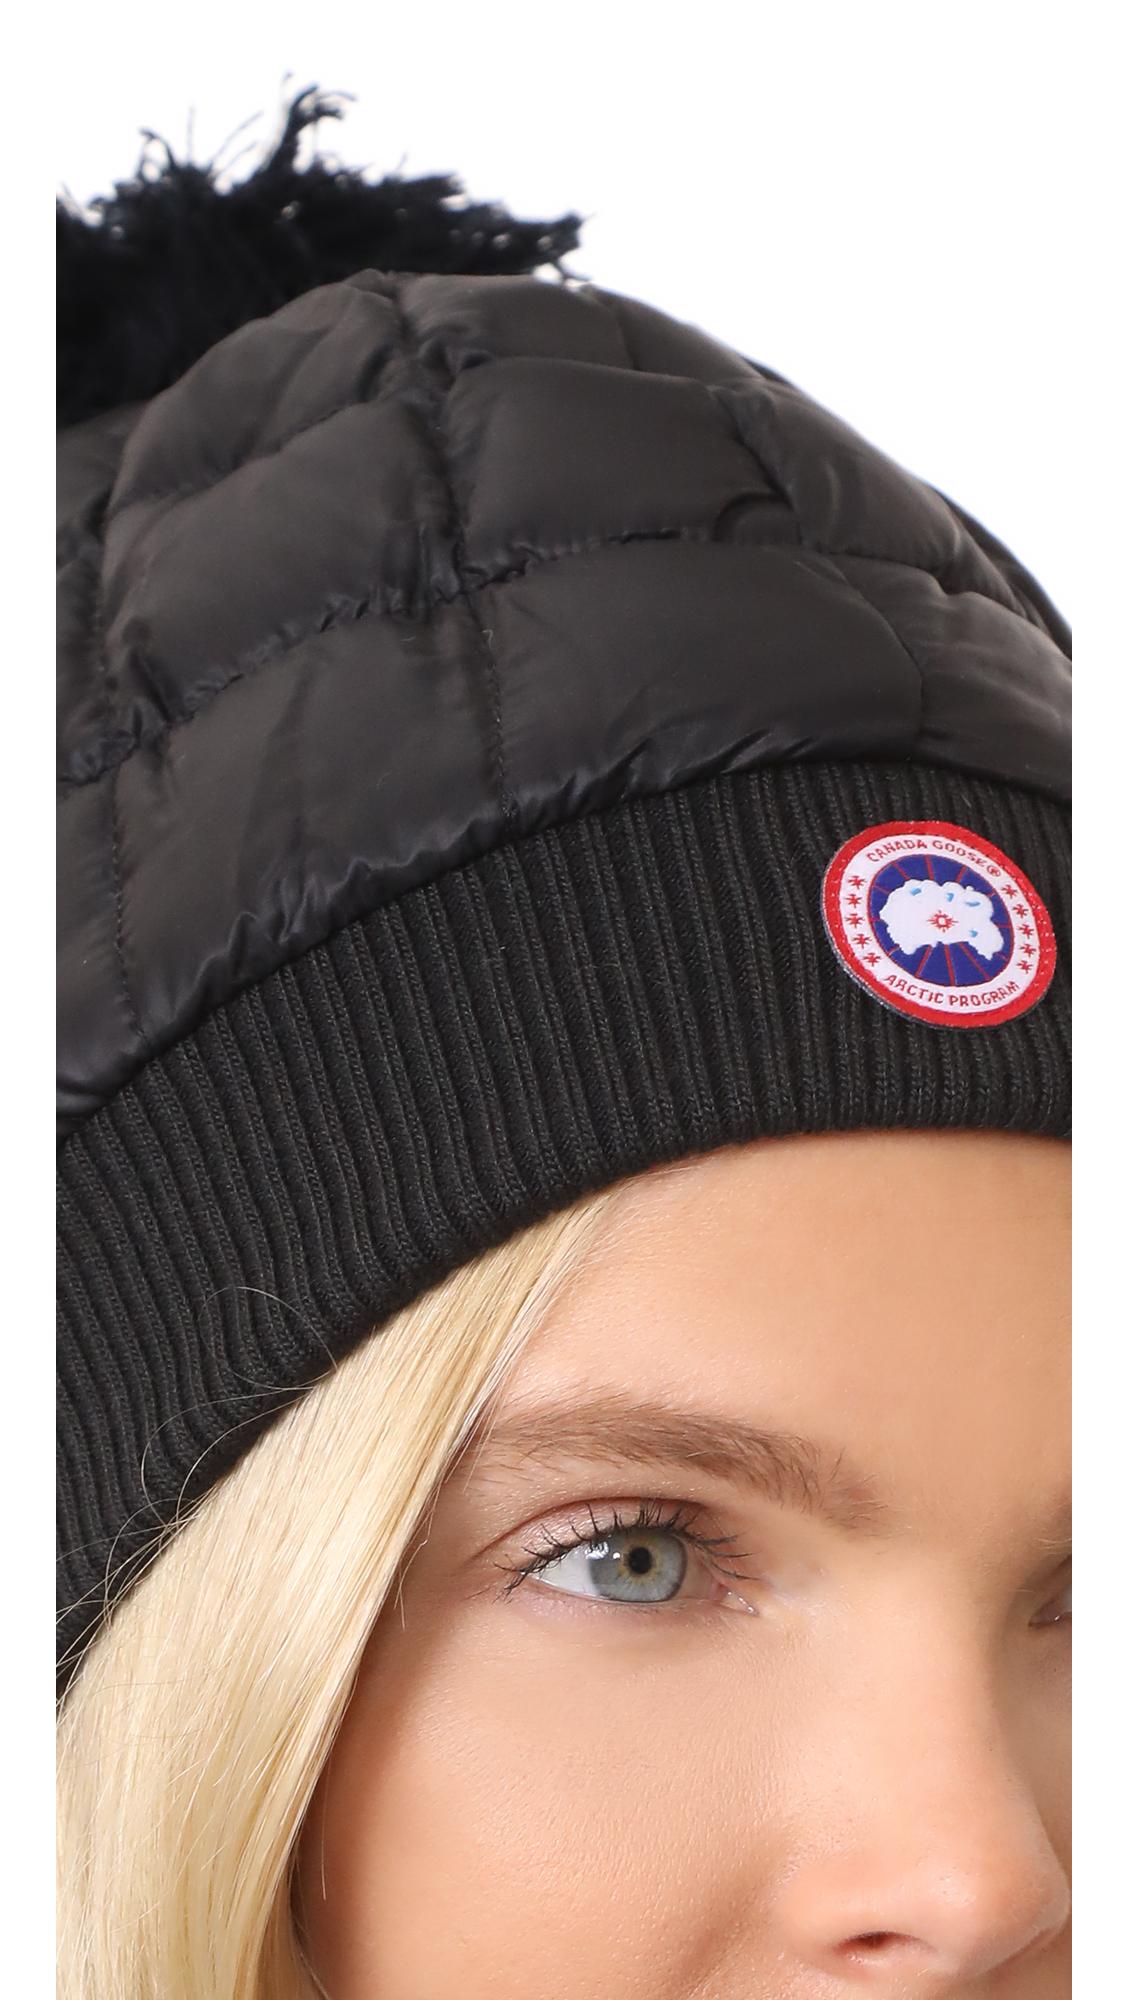 9f709ad67c9 Canada Goose Down Pom Toque Hat